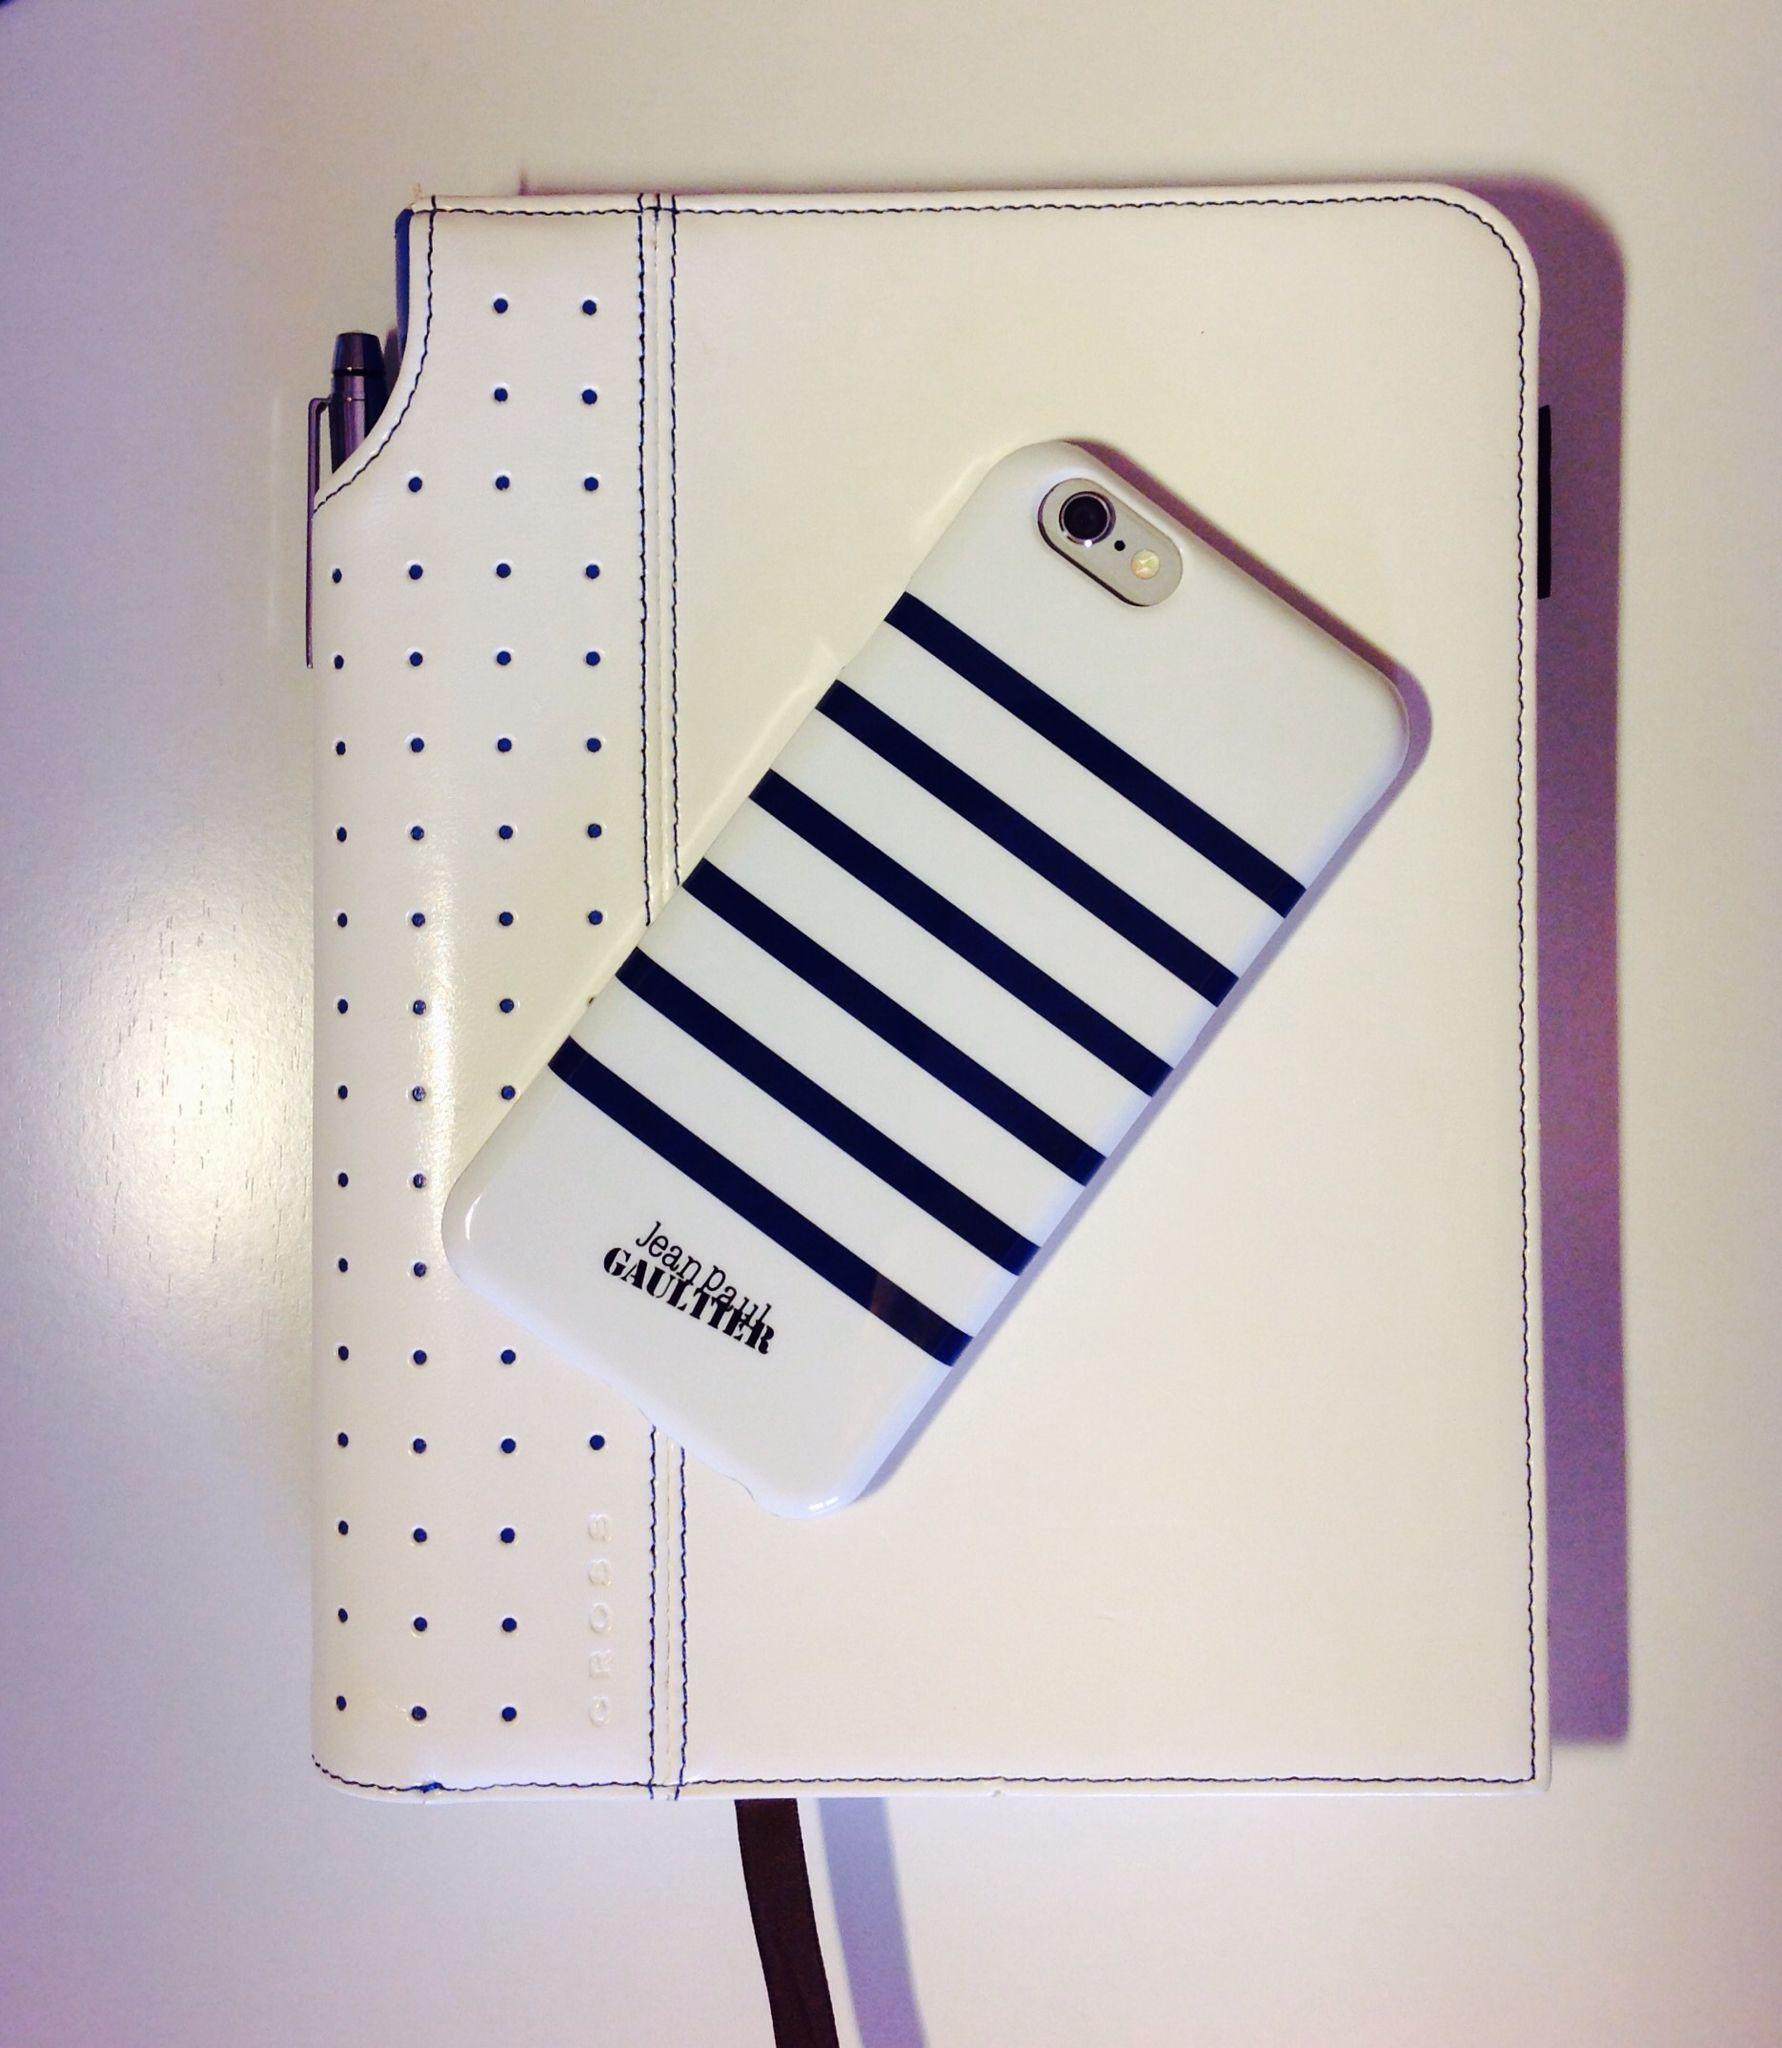 Super nice phone case & notebook